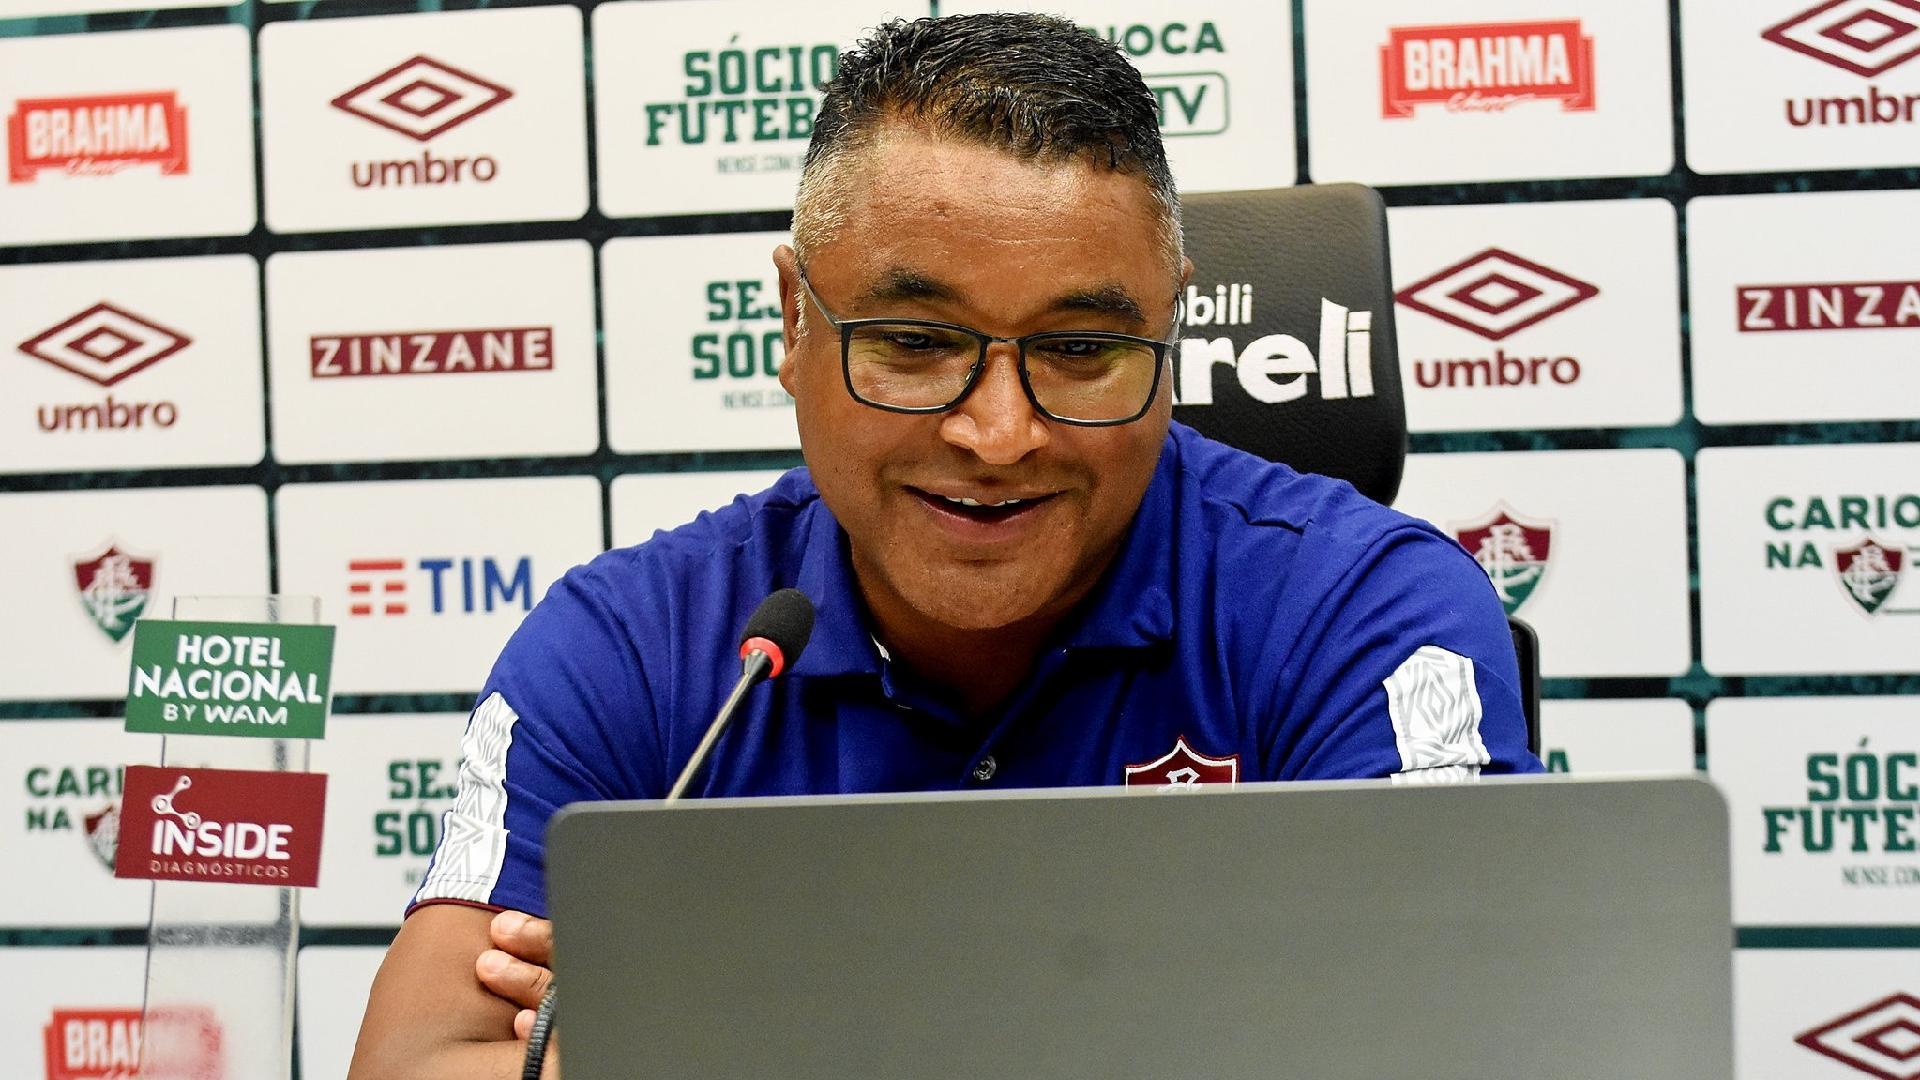 Roger Machado durante a entrevista coletiva após a vitória sobre o Botafogo